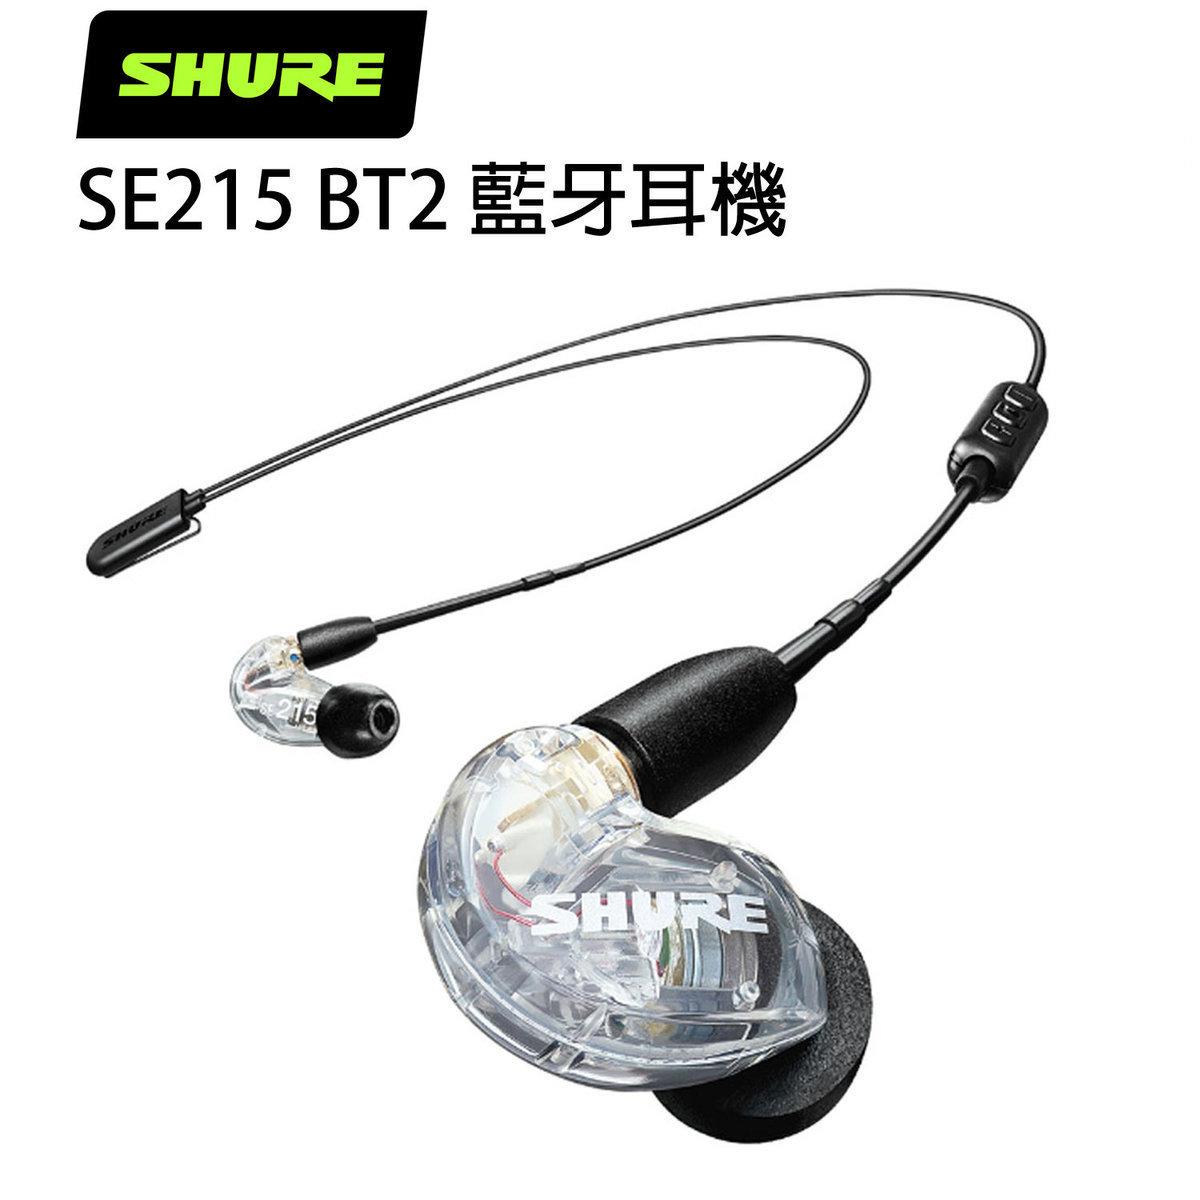 SE215 - BT2 無線專業隔音耳機『藍牙版 5.0』- 透明